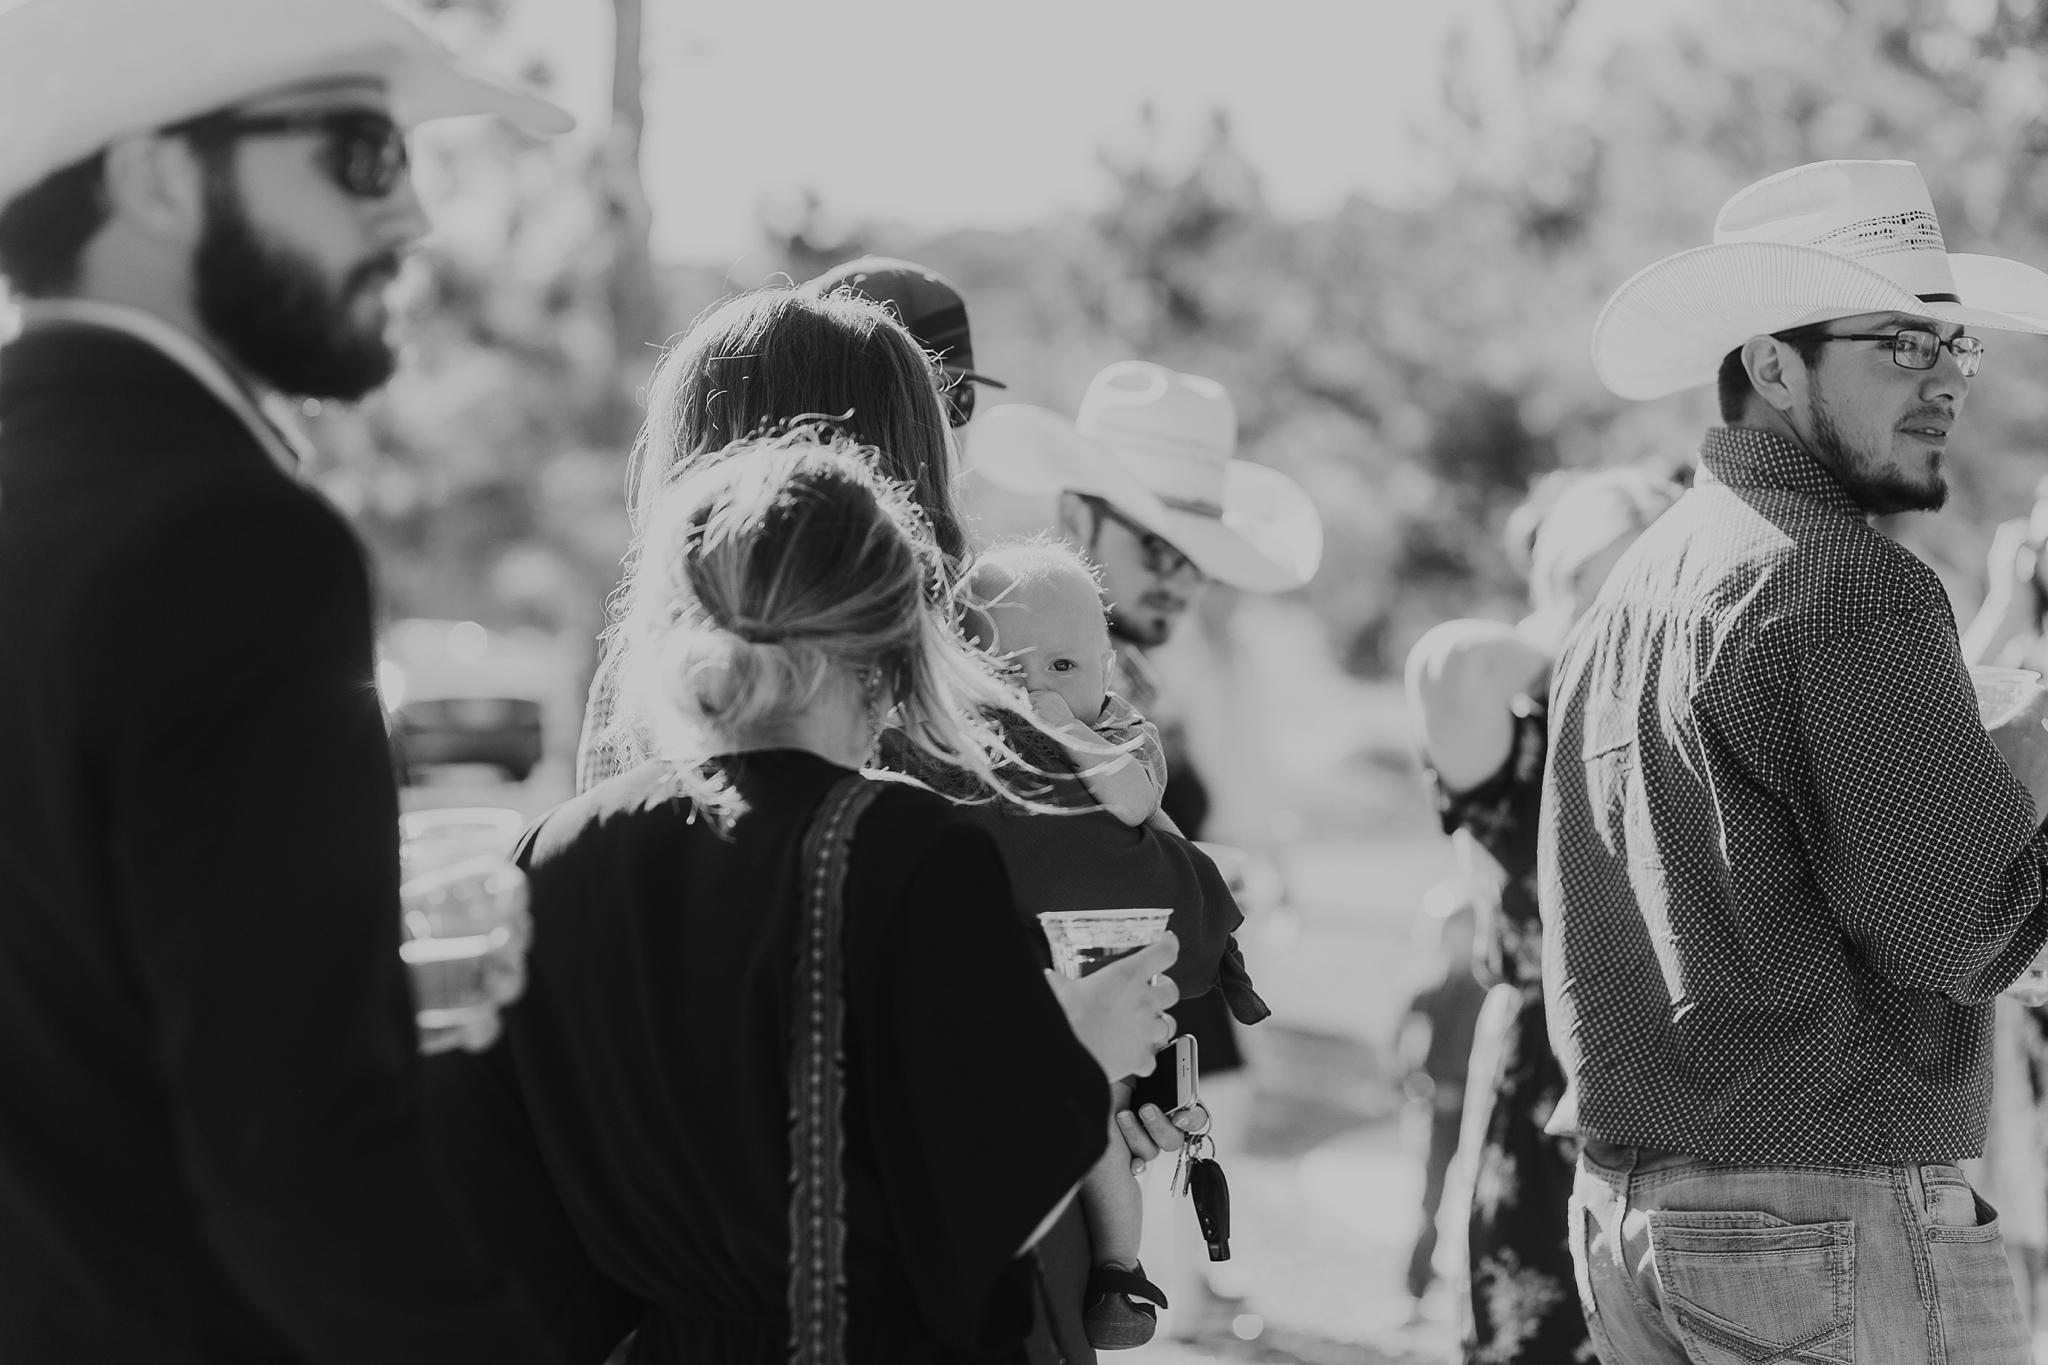 Alicia+lucia+photography+-+albuquerque+wedding+photographer+-+santa+fe+wedding+photography+-+new+mexico+wedding+photographer+-+new+mexico+wedding+-+new+mexico+wedding+-+barn+wedding+-+enchanted+vine+barn+wedding+-+ruidoso+wedding_0108.jpg